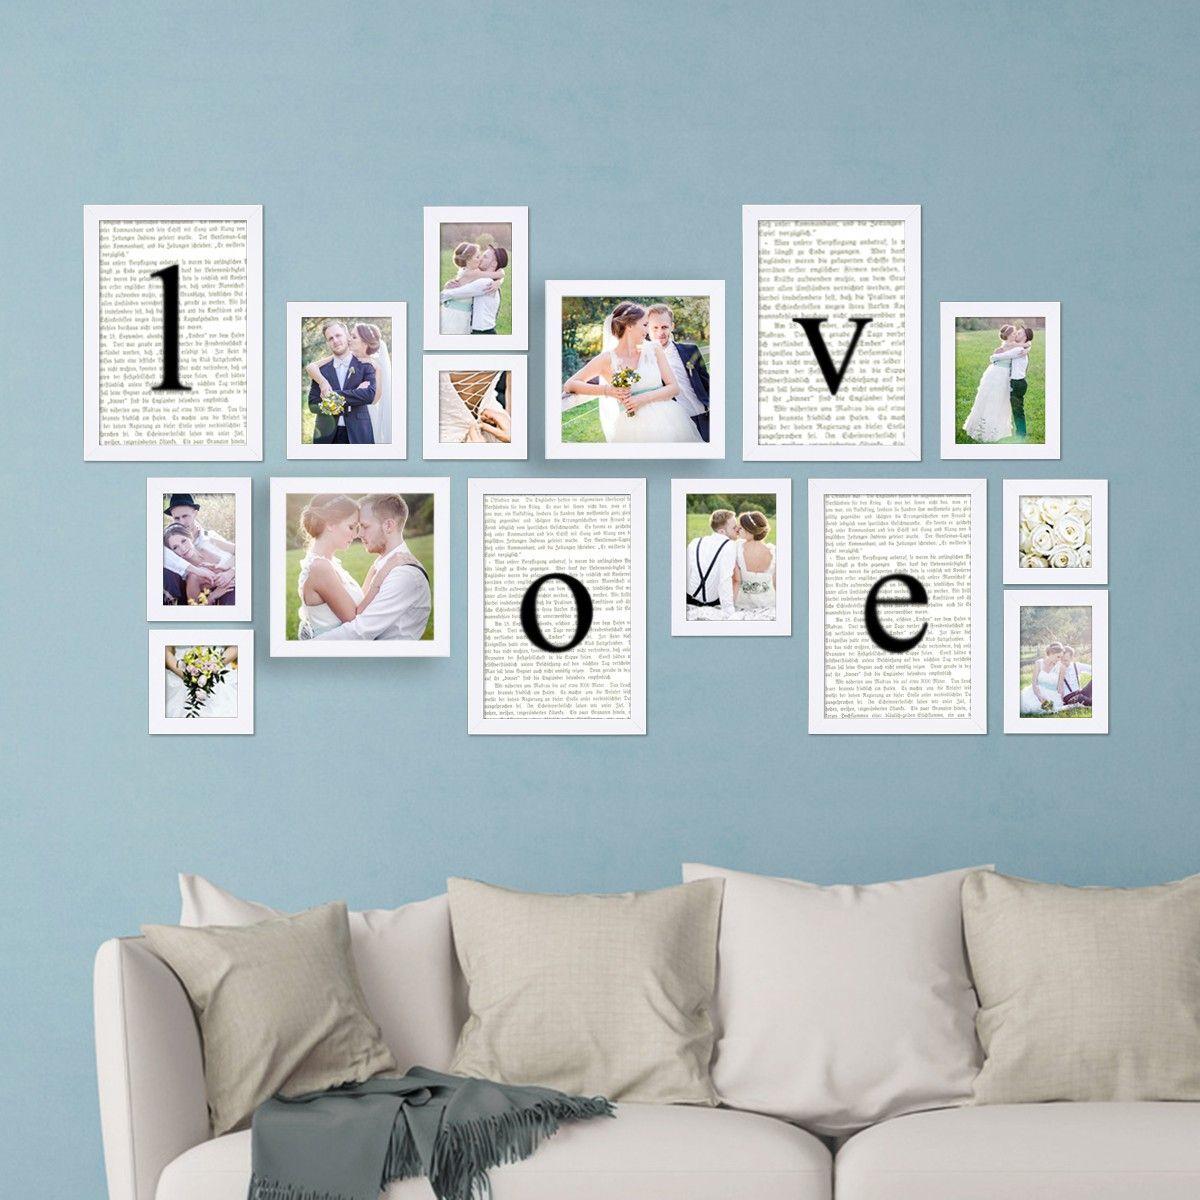 liebesbriefe an der wand mit dem photolini bilderrahmen set werden die hochzeitsfotos zu einer. Black Bedroom Furniture Sets. Home Design Ideas